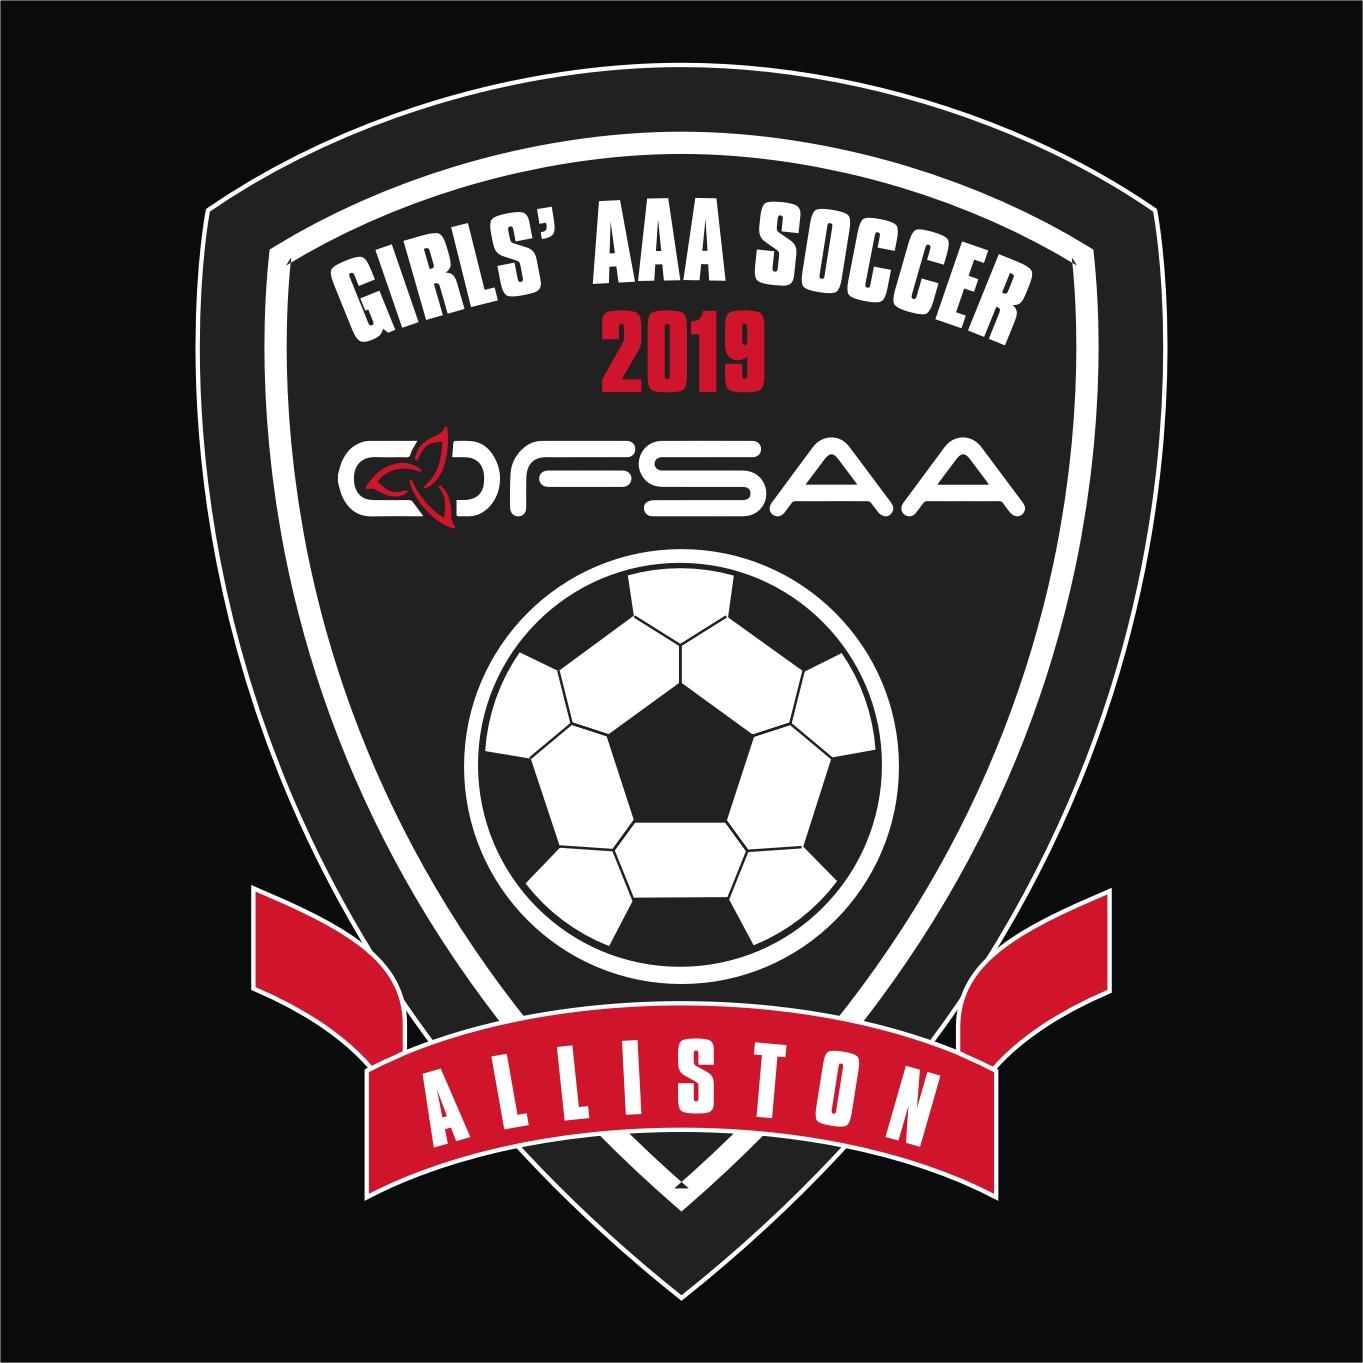 2019 Girls AAA Soccer logo black.jpg